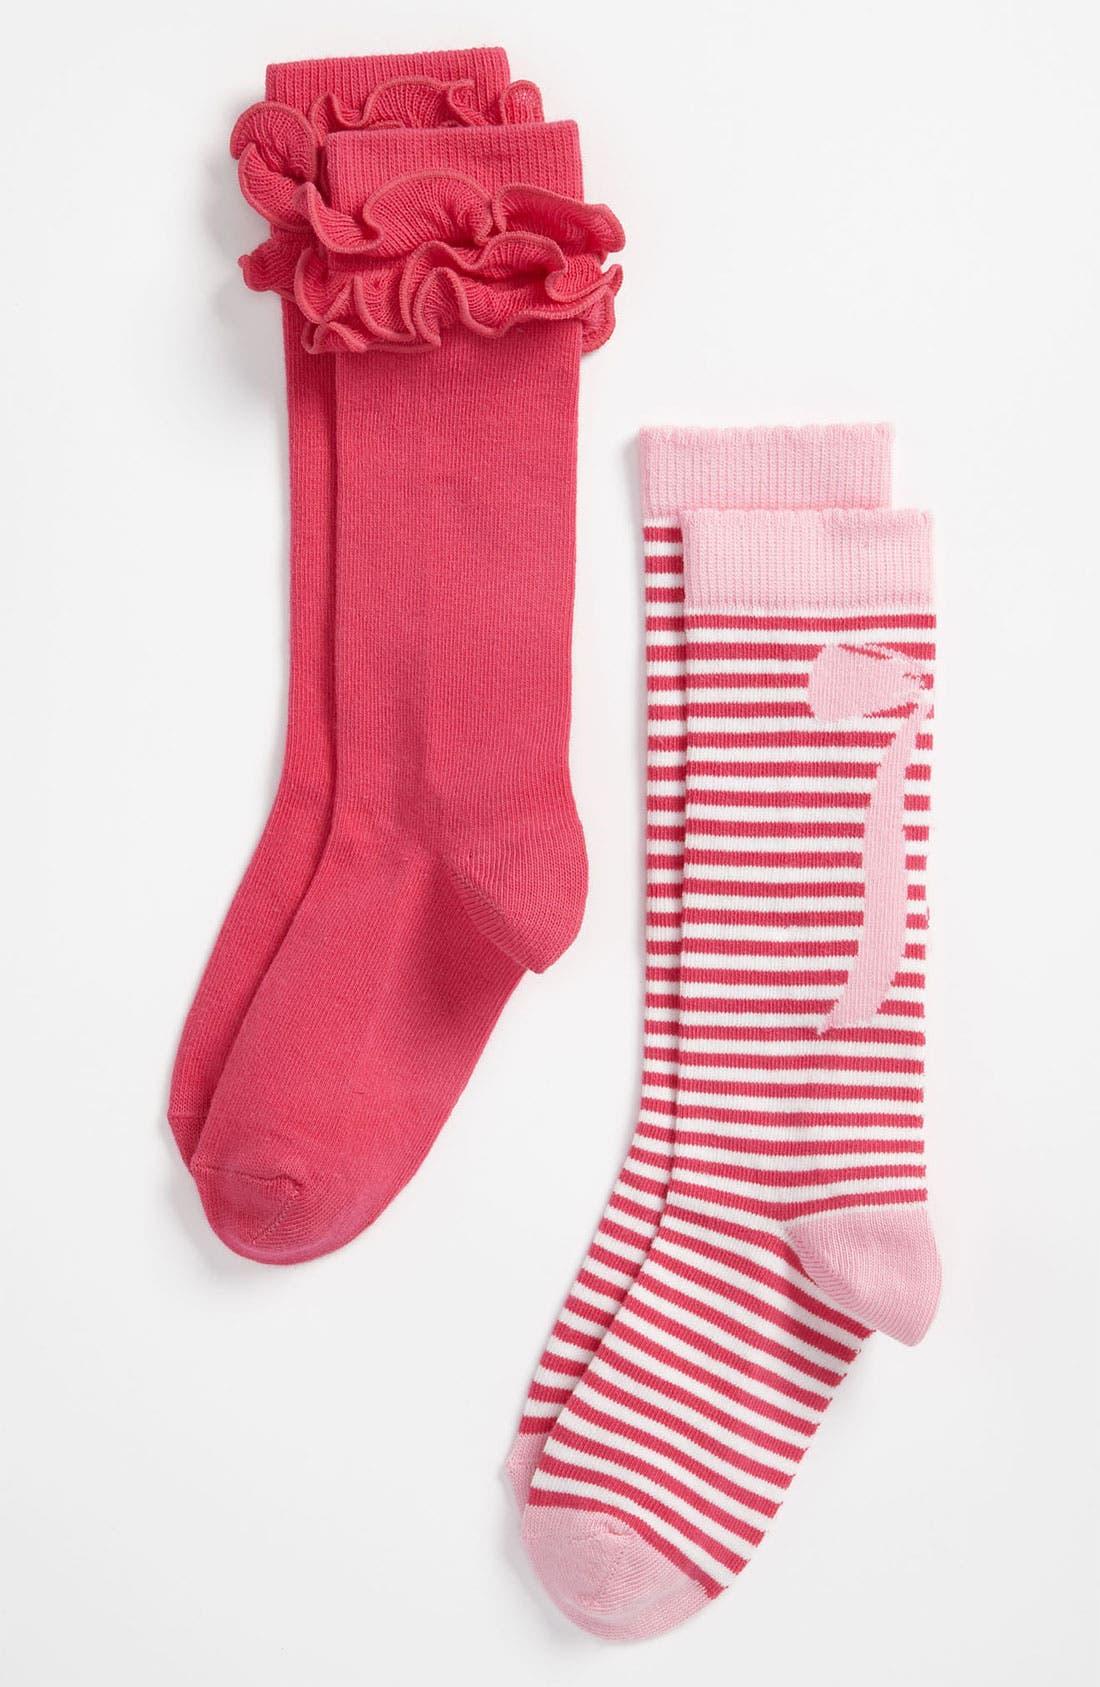 Alternate Image 1 Selected - Nordstrom Knee High Socks (2-Pack) (Toddler, Little Girls & Big Girls)